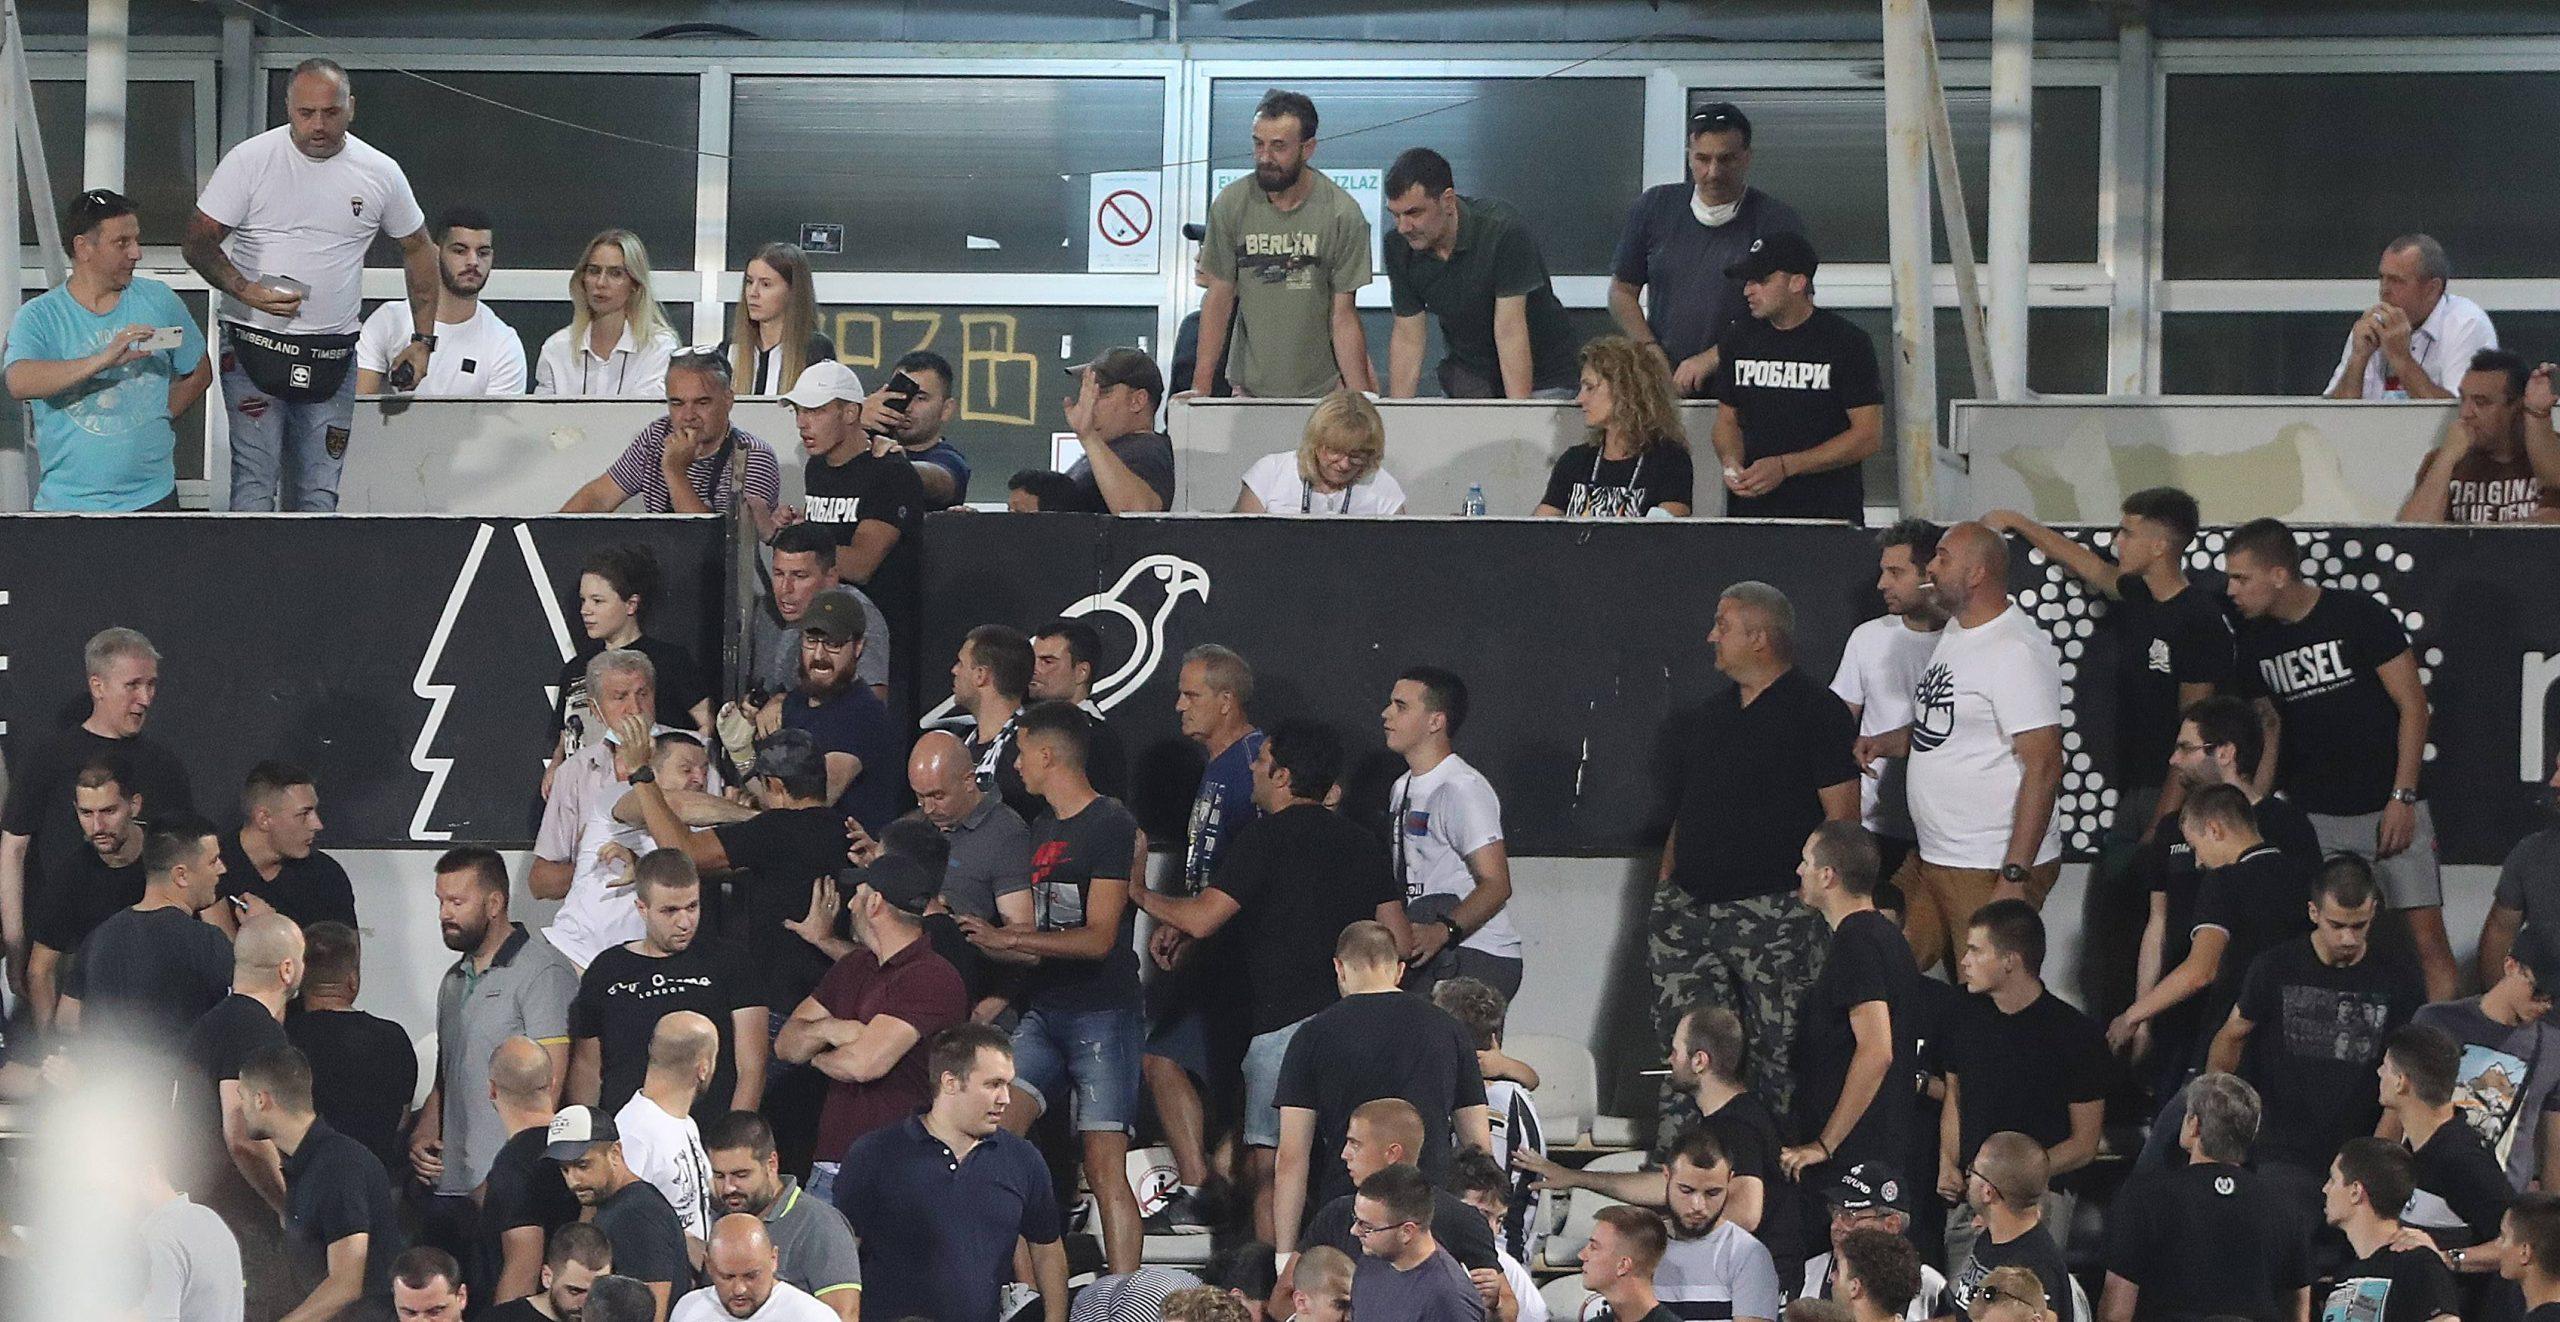 Partizan vs Dunajska Streda